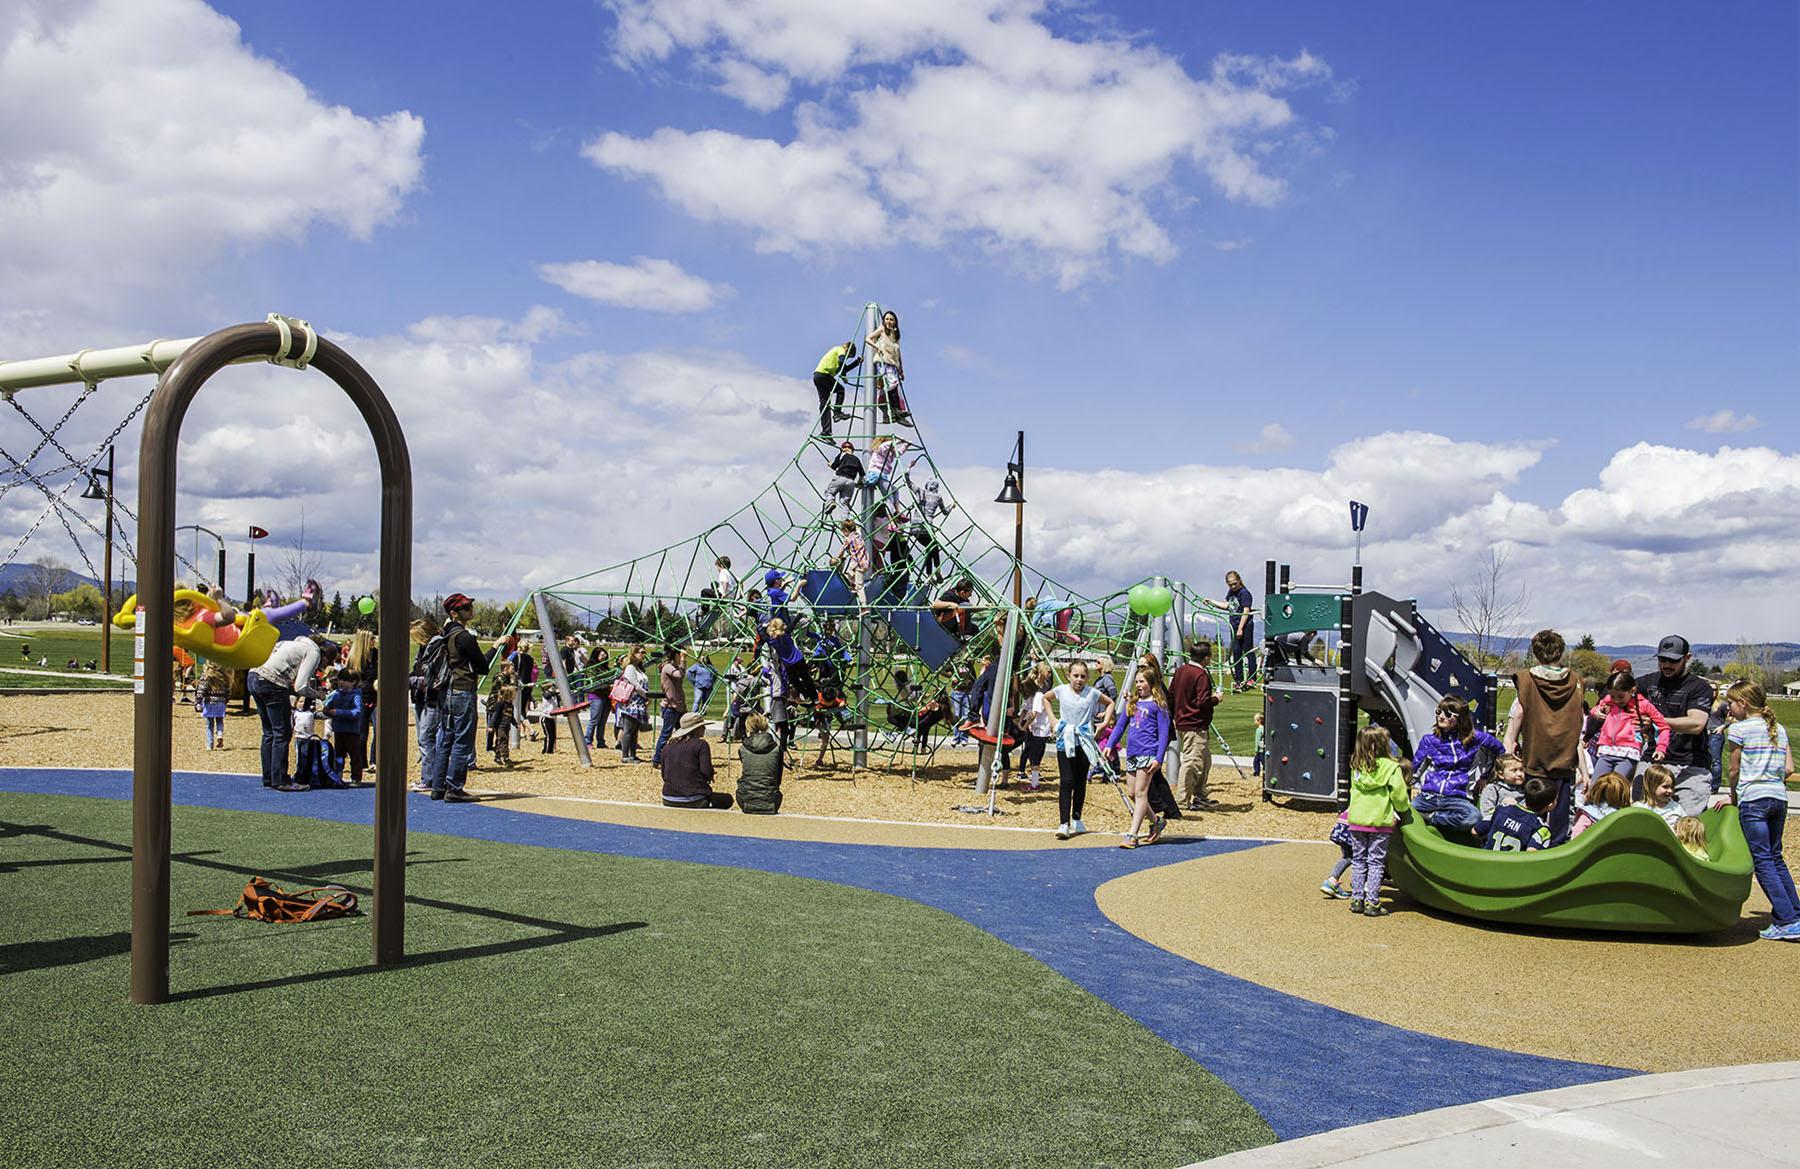 Playground_3232.jpg